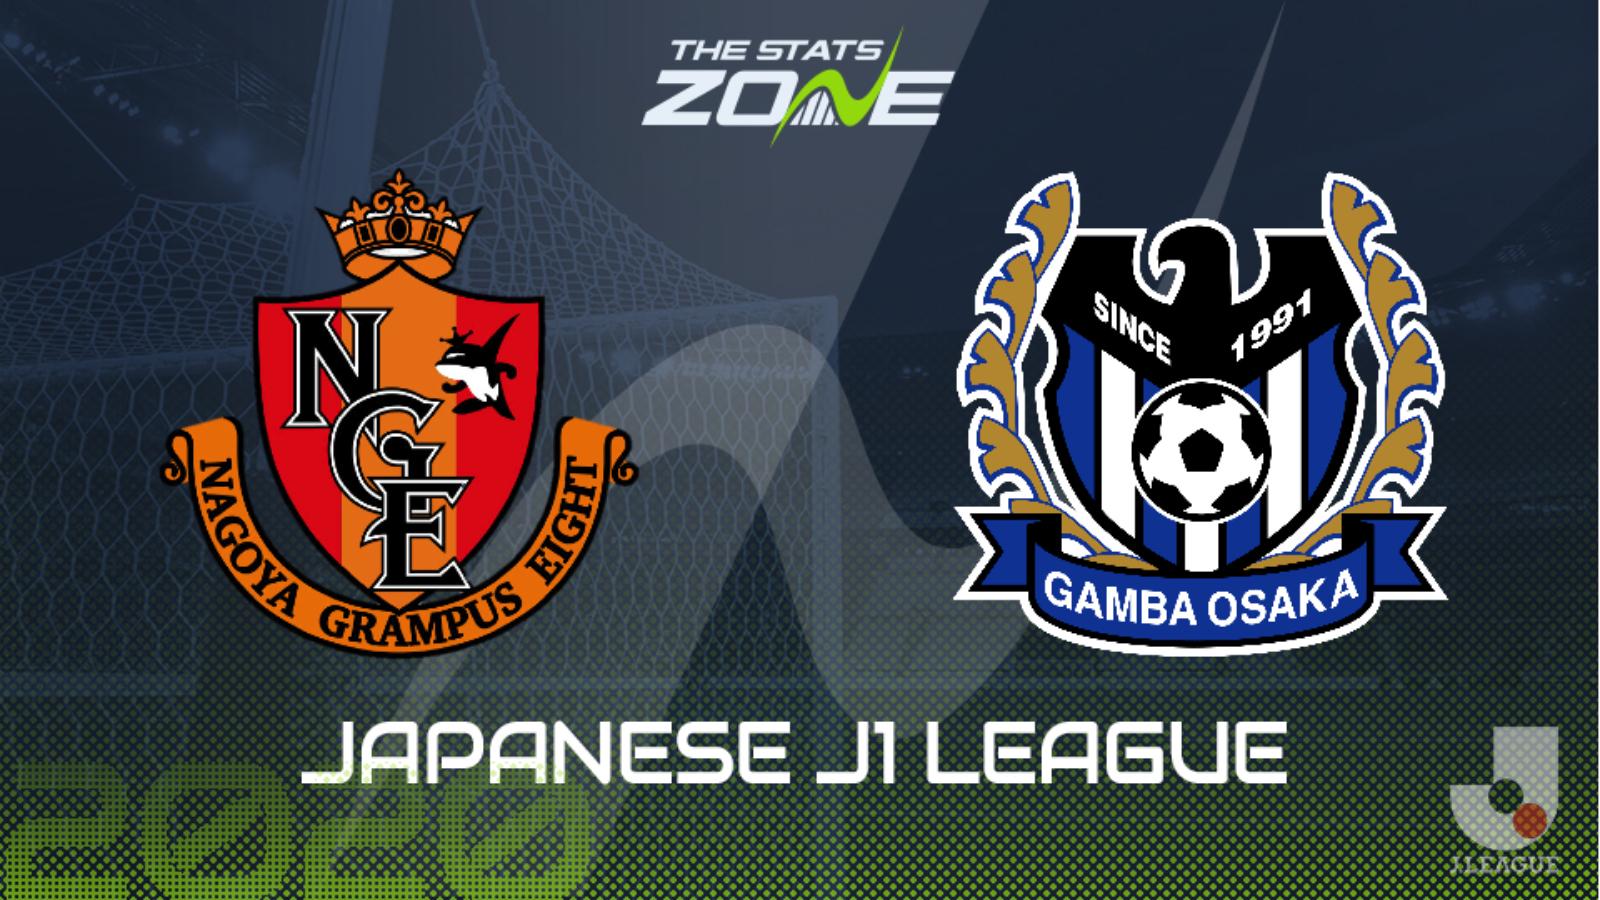 2019 20 Japanese J1 League Nagoya Grampus Vs Gamba Osaka Preview Prediction The Stats Zone